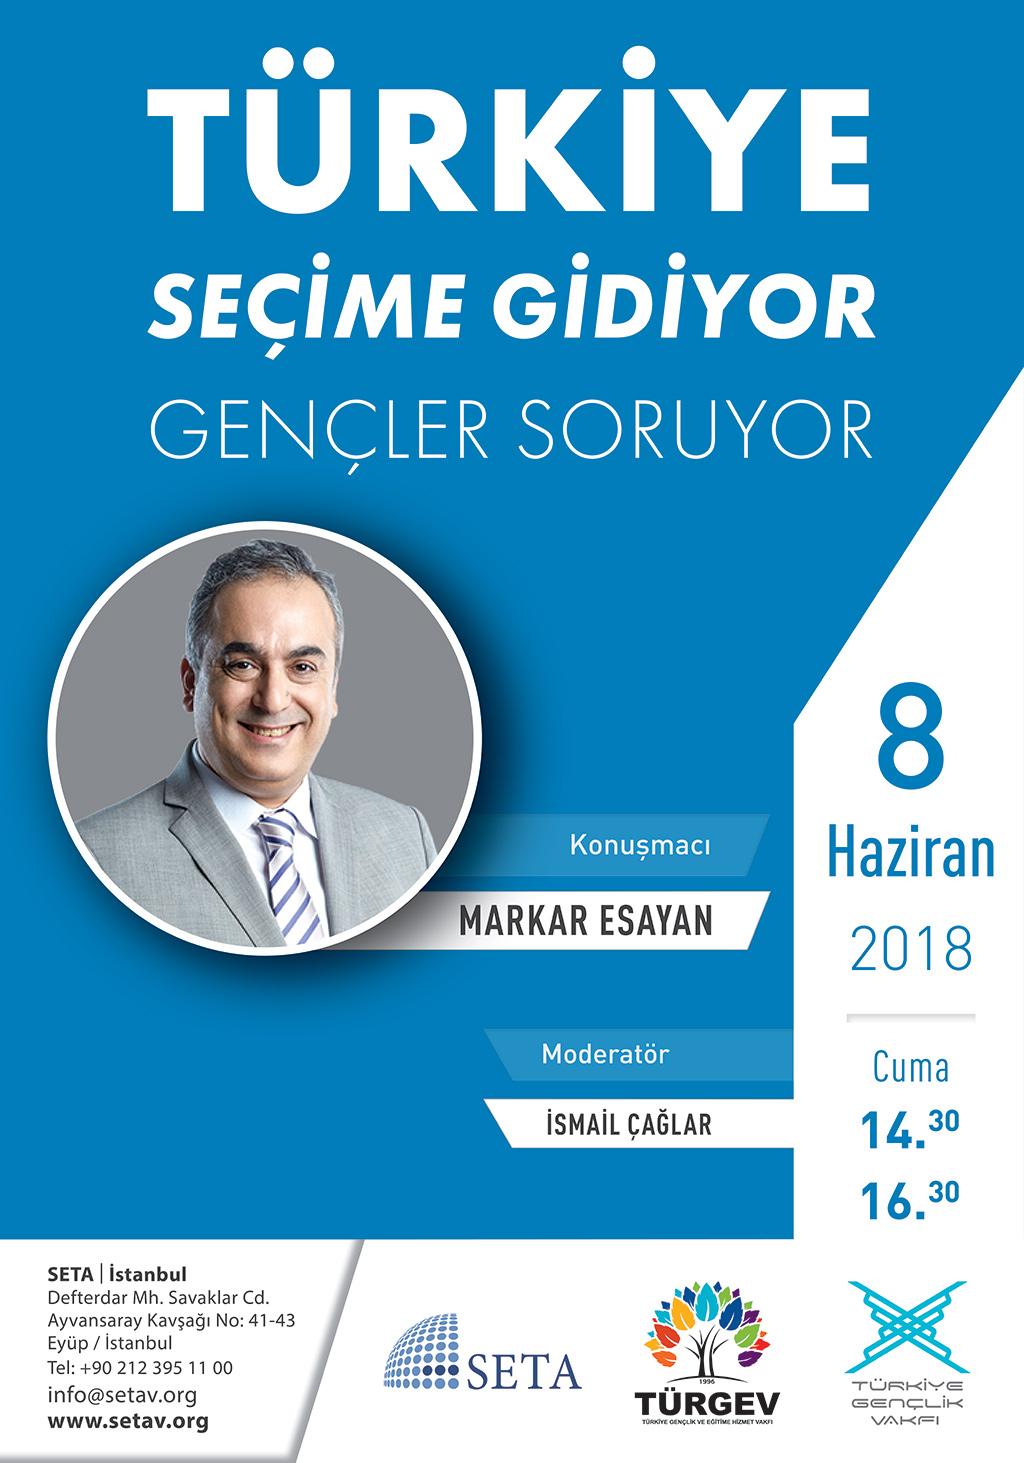 Panel: Türkiye Seçime Gidiyor Gençler Soruyor